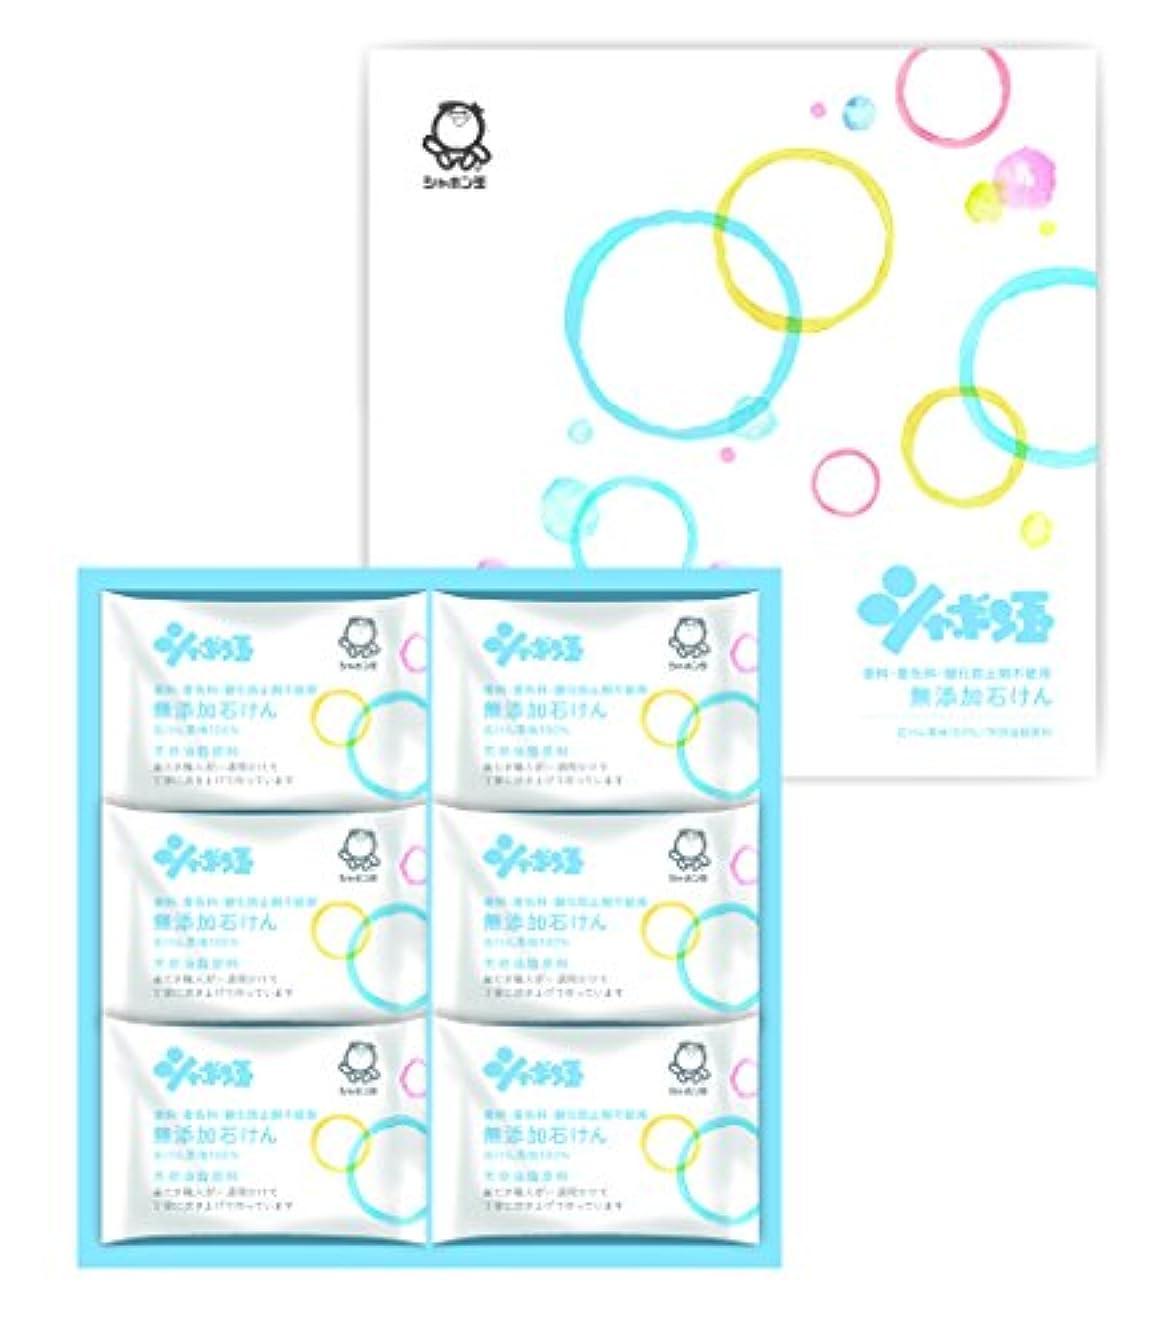 代表製造ポーン【ギフトセット】 シャボン玉無添加石鹸ギフトセット SMG-10B